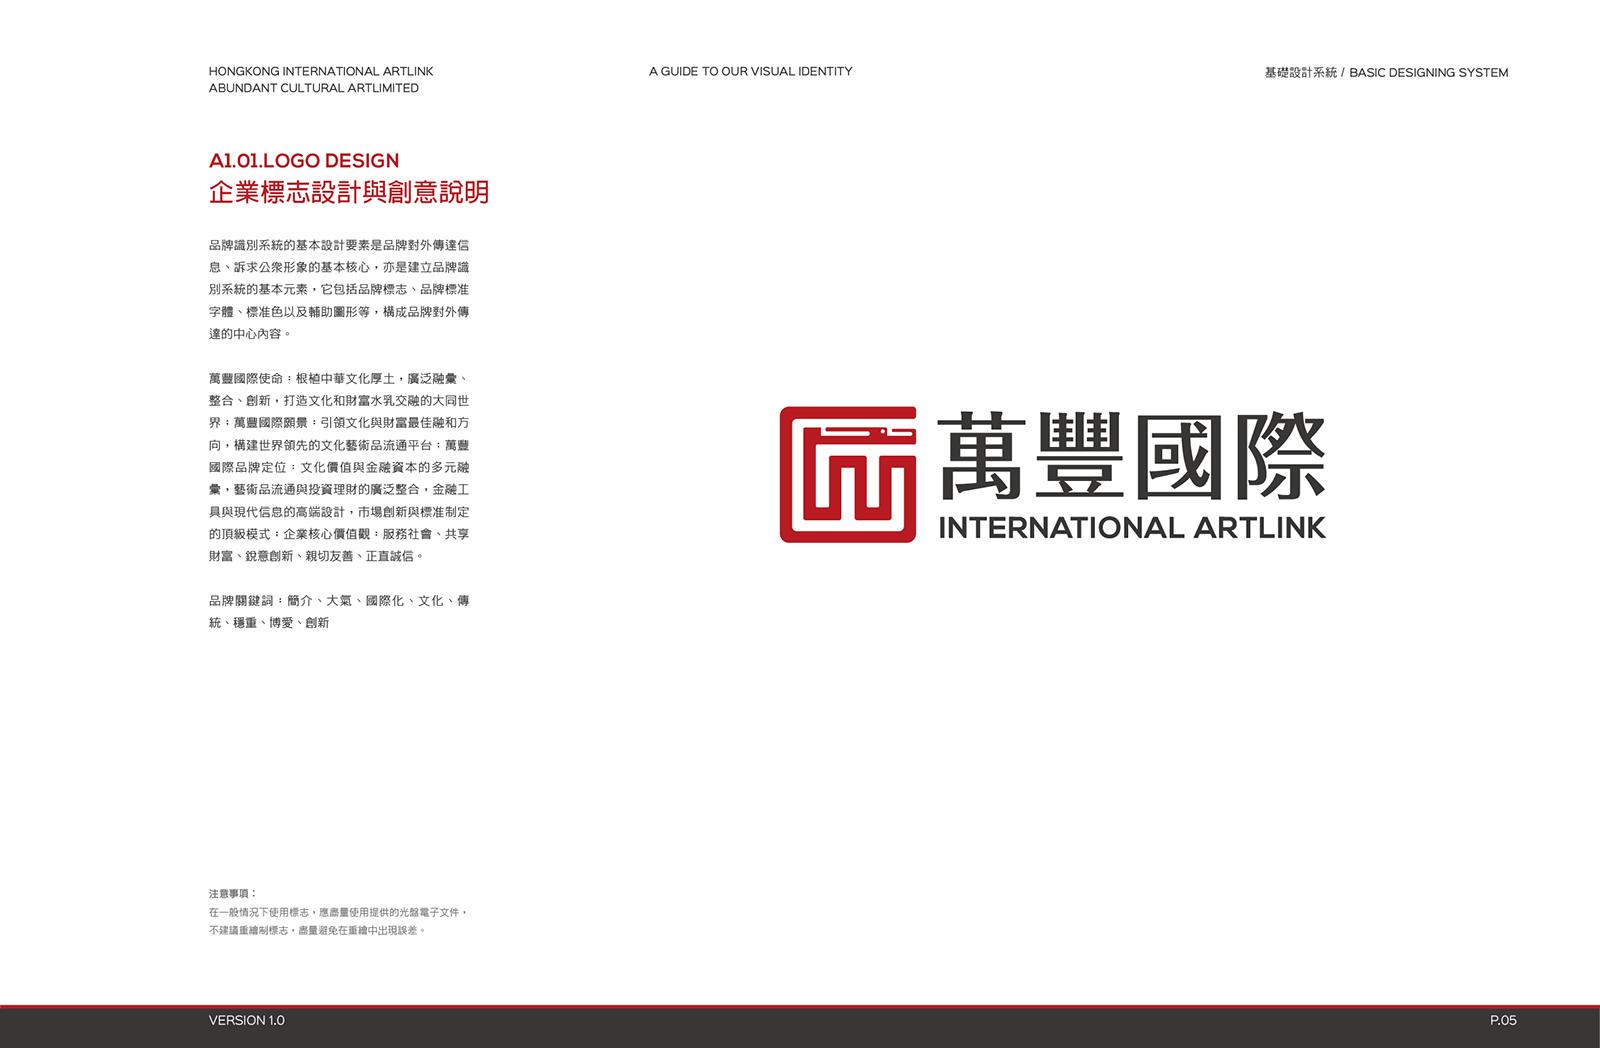 万丰国际集团品牌形象识别设计-深圳VI设计3